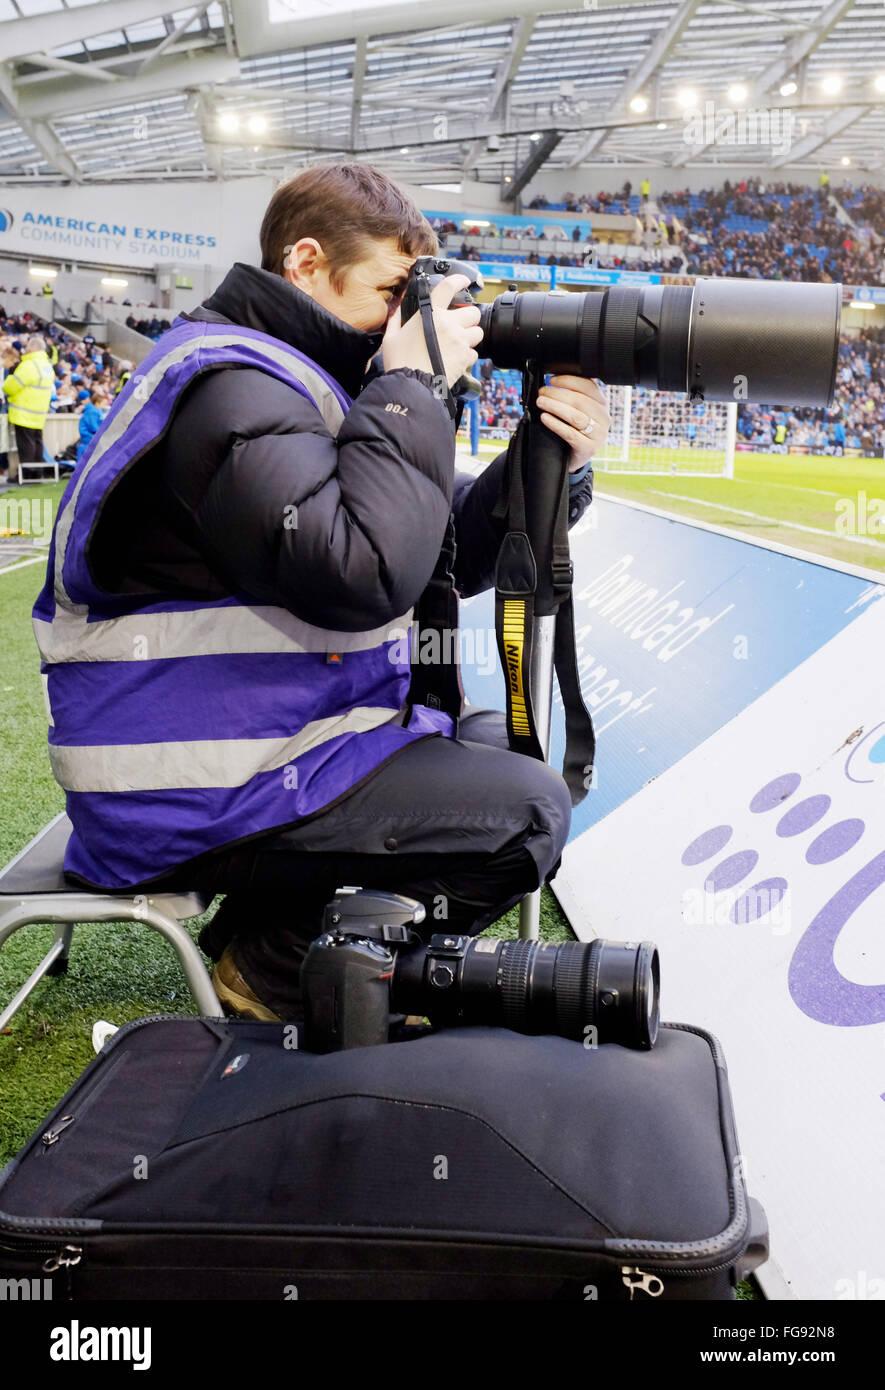 Weibliche Sport Fussball Fotograf Bei Der Arbeit Mit